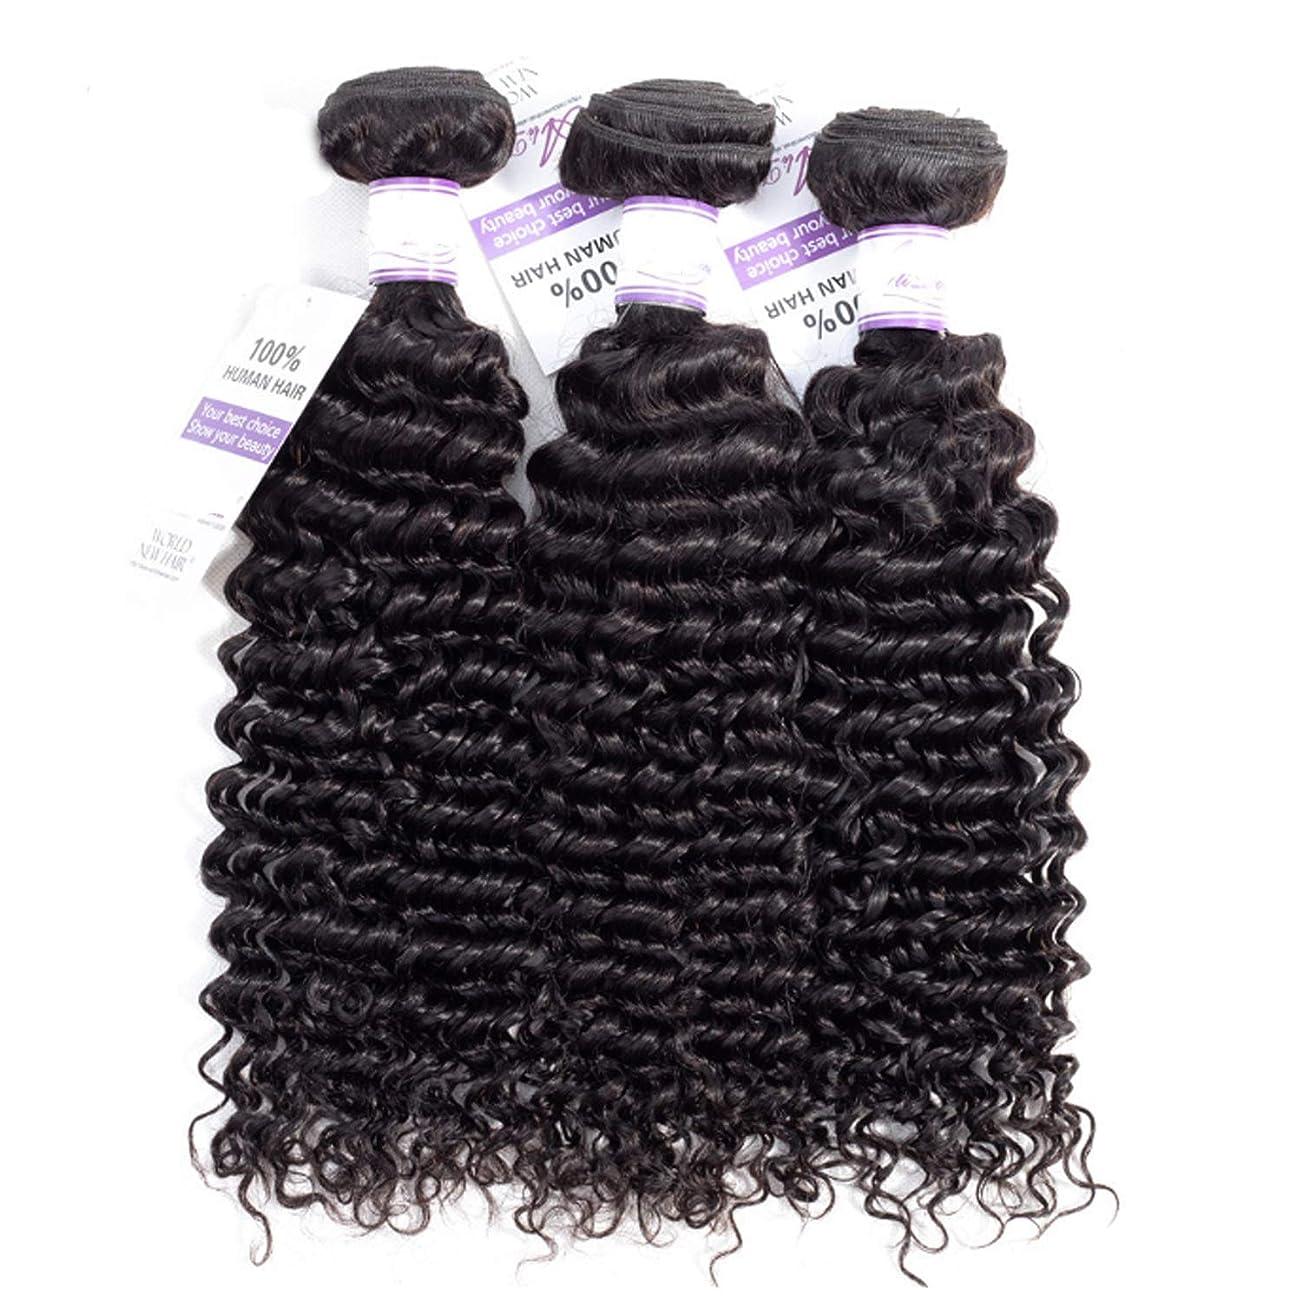 パンツレシピセレナブラジルのディープウェーブヘア織りバンドル100%人毛製織ナチュラルカラー非レミー髪は3個購入することができます かつら (Stretched Length : 24 26 28 inches)